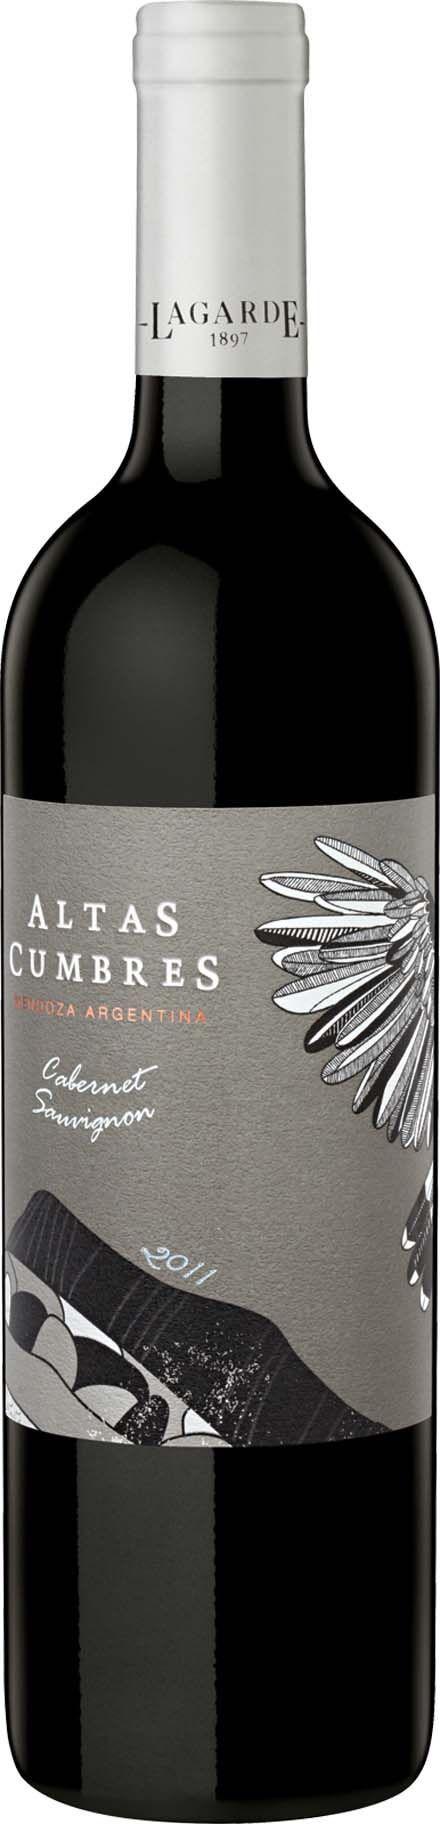 """""""Altas Cumbres"""" Cabernet sauvignon 2012 - Bodega Lagarde, Luján de Cuyo, Mendoza-------------------------------- Terroir: Perdriel------------------ Crianza: 30% del vino. Entre 3 y 5 meses en barrica de roble (50% frances y 50% americano)"""